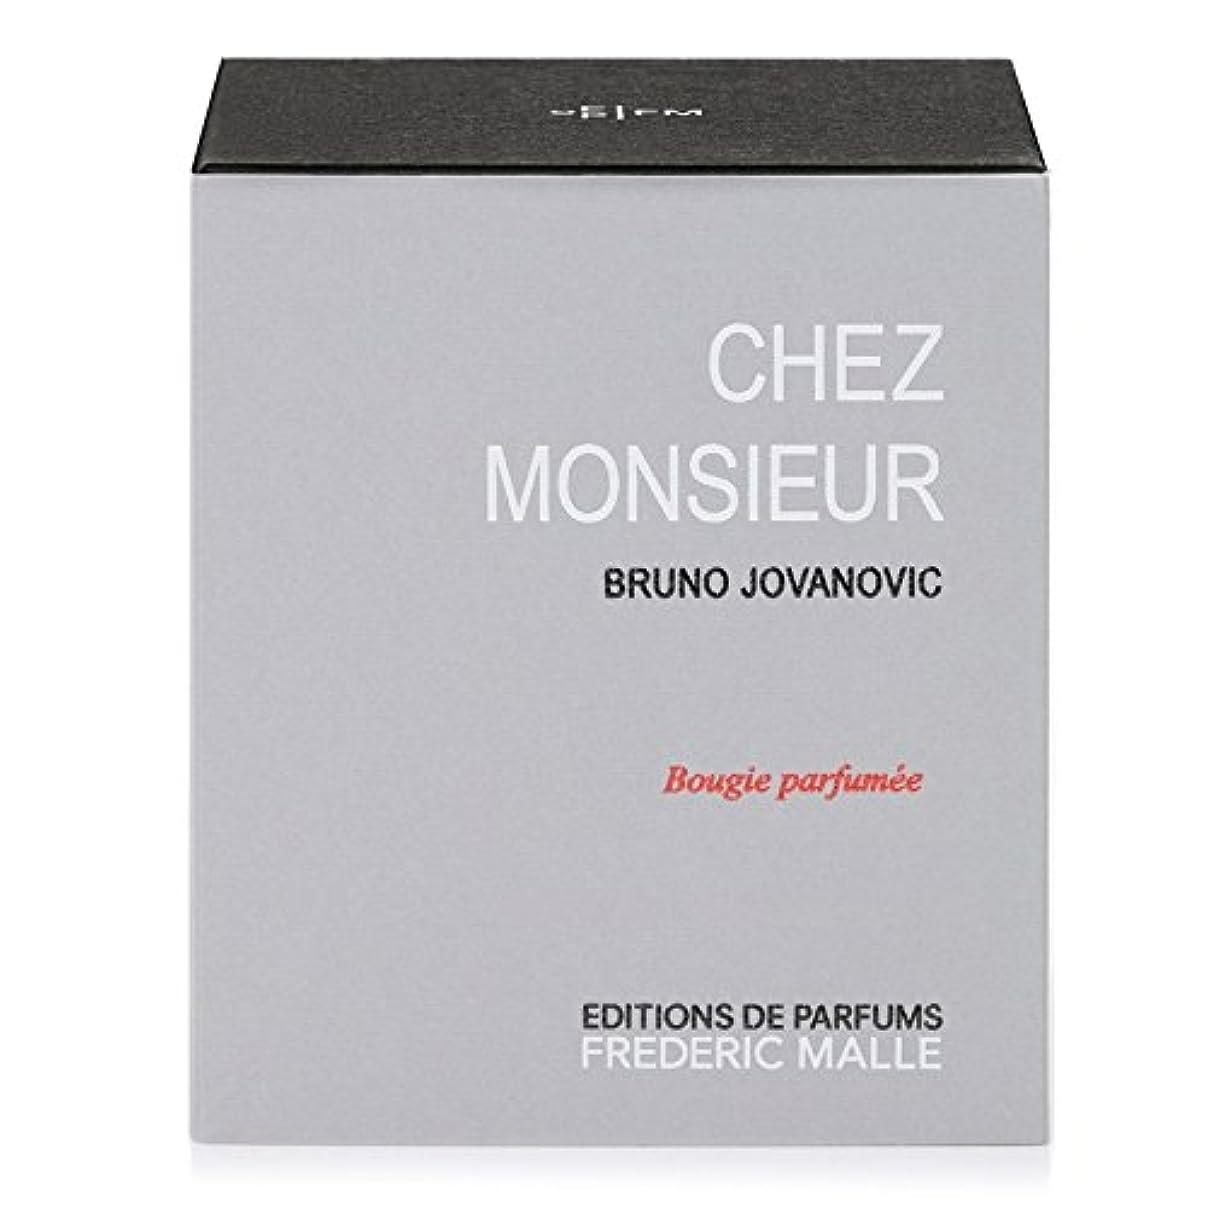 静けさパウダー説得フレデリック?マルシェムッシュ香りのキャンドル220グラム x6 - Frederic Malle Chez Monsieur Scented Candle 220g (Pack of 6) [並行輸入品]